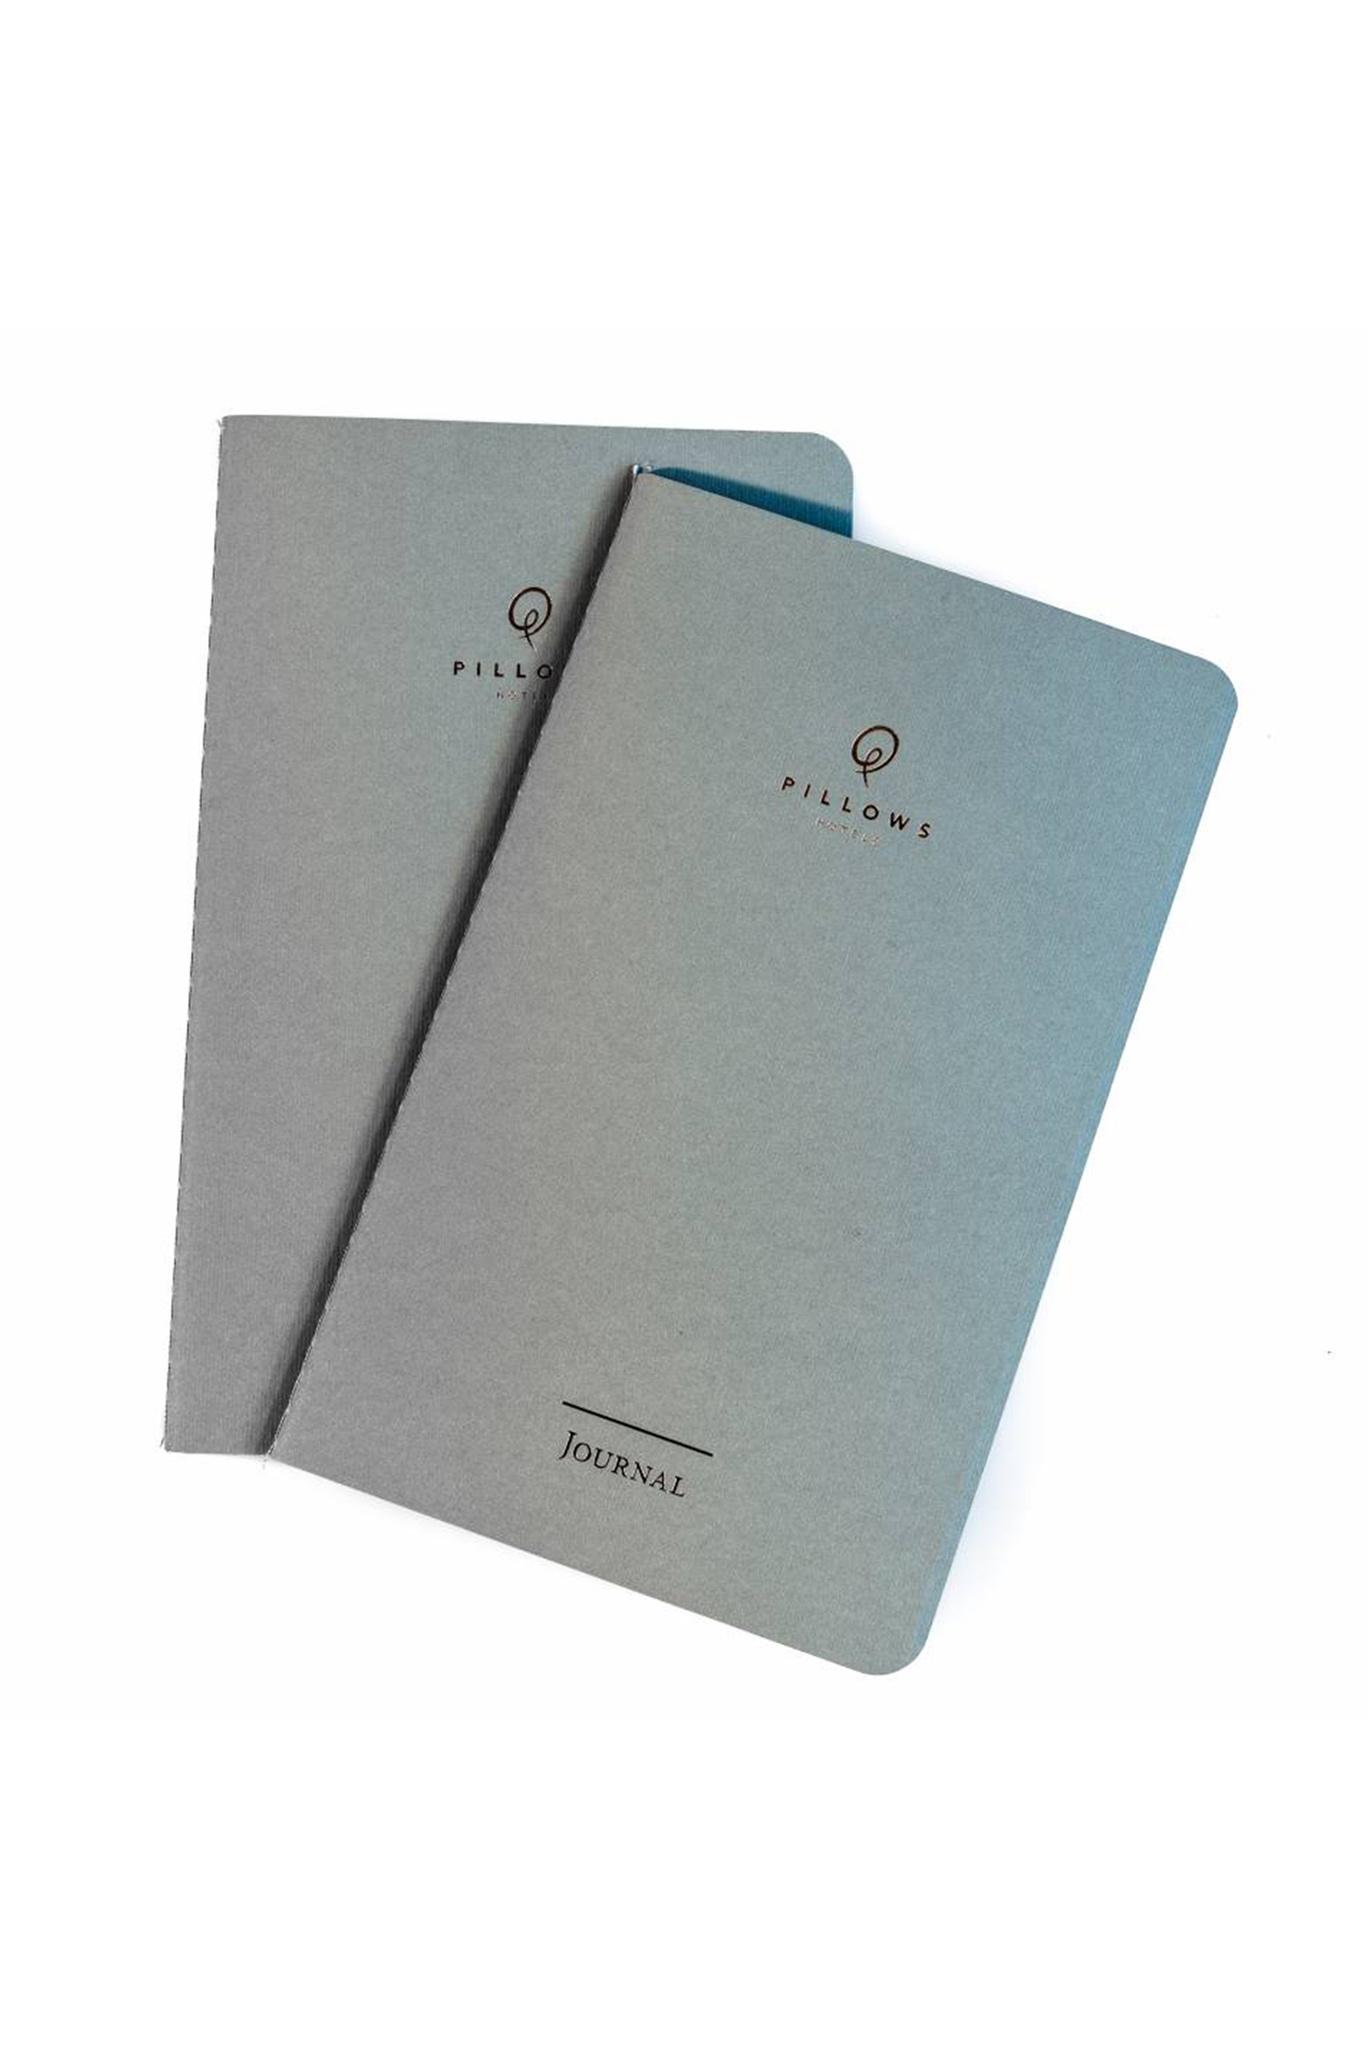 Pillows Journal (set of 2)